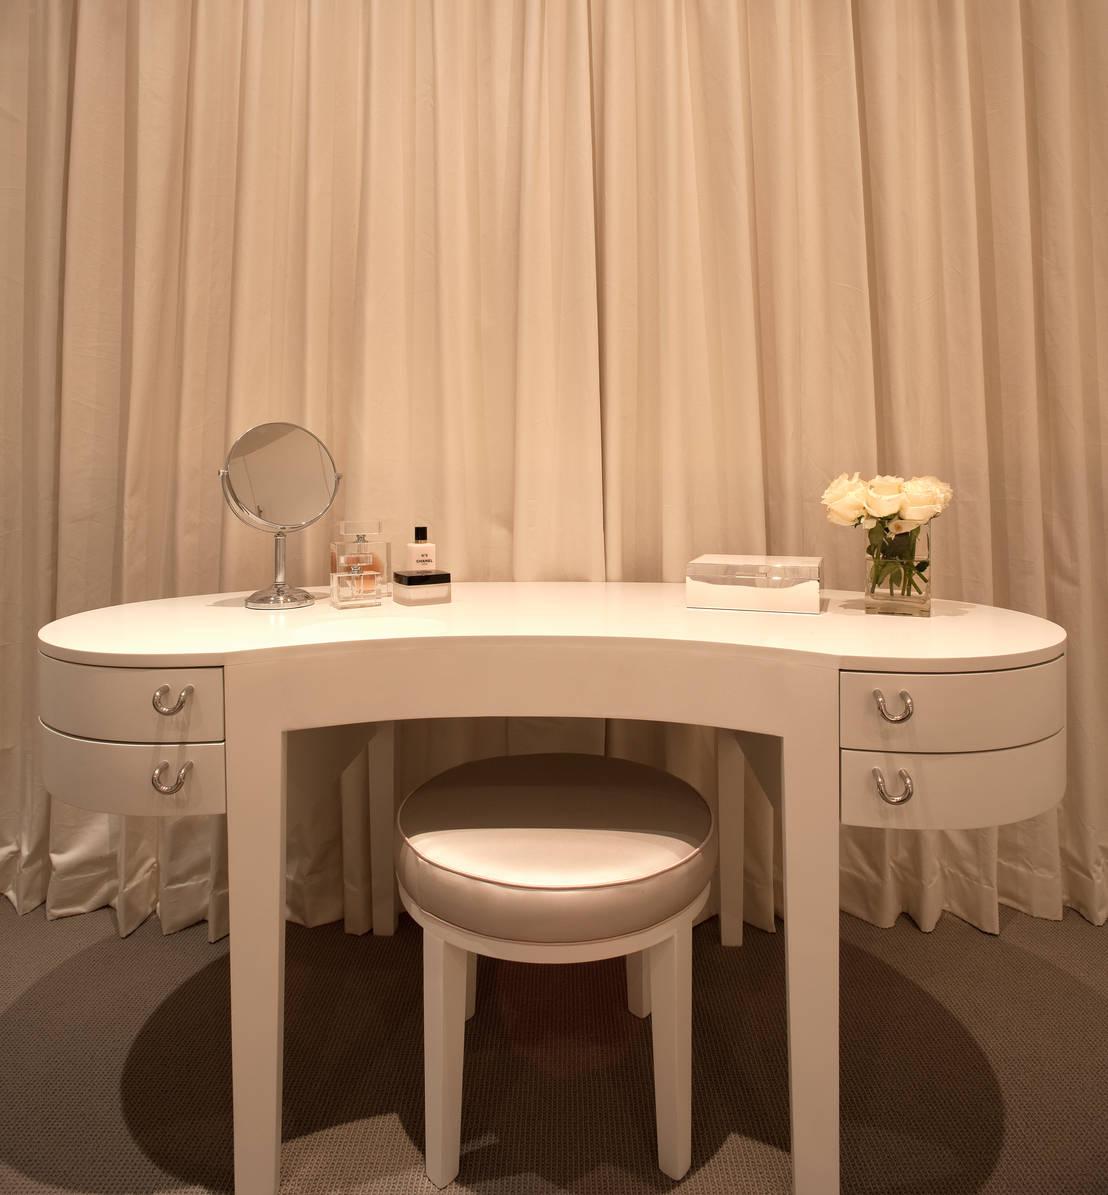 Der perfekte schminktisch einrichtung dekoration und - Einrichtung dekoration ...